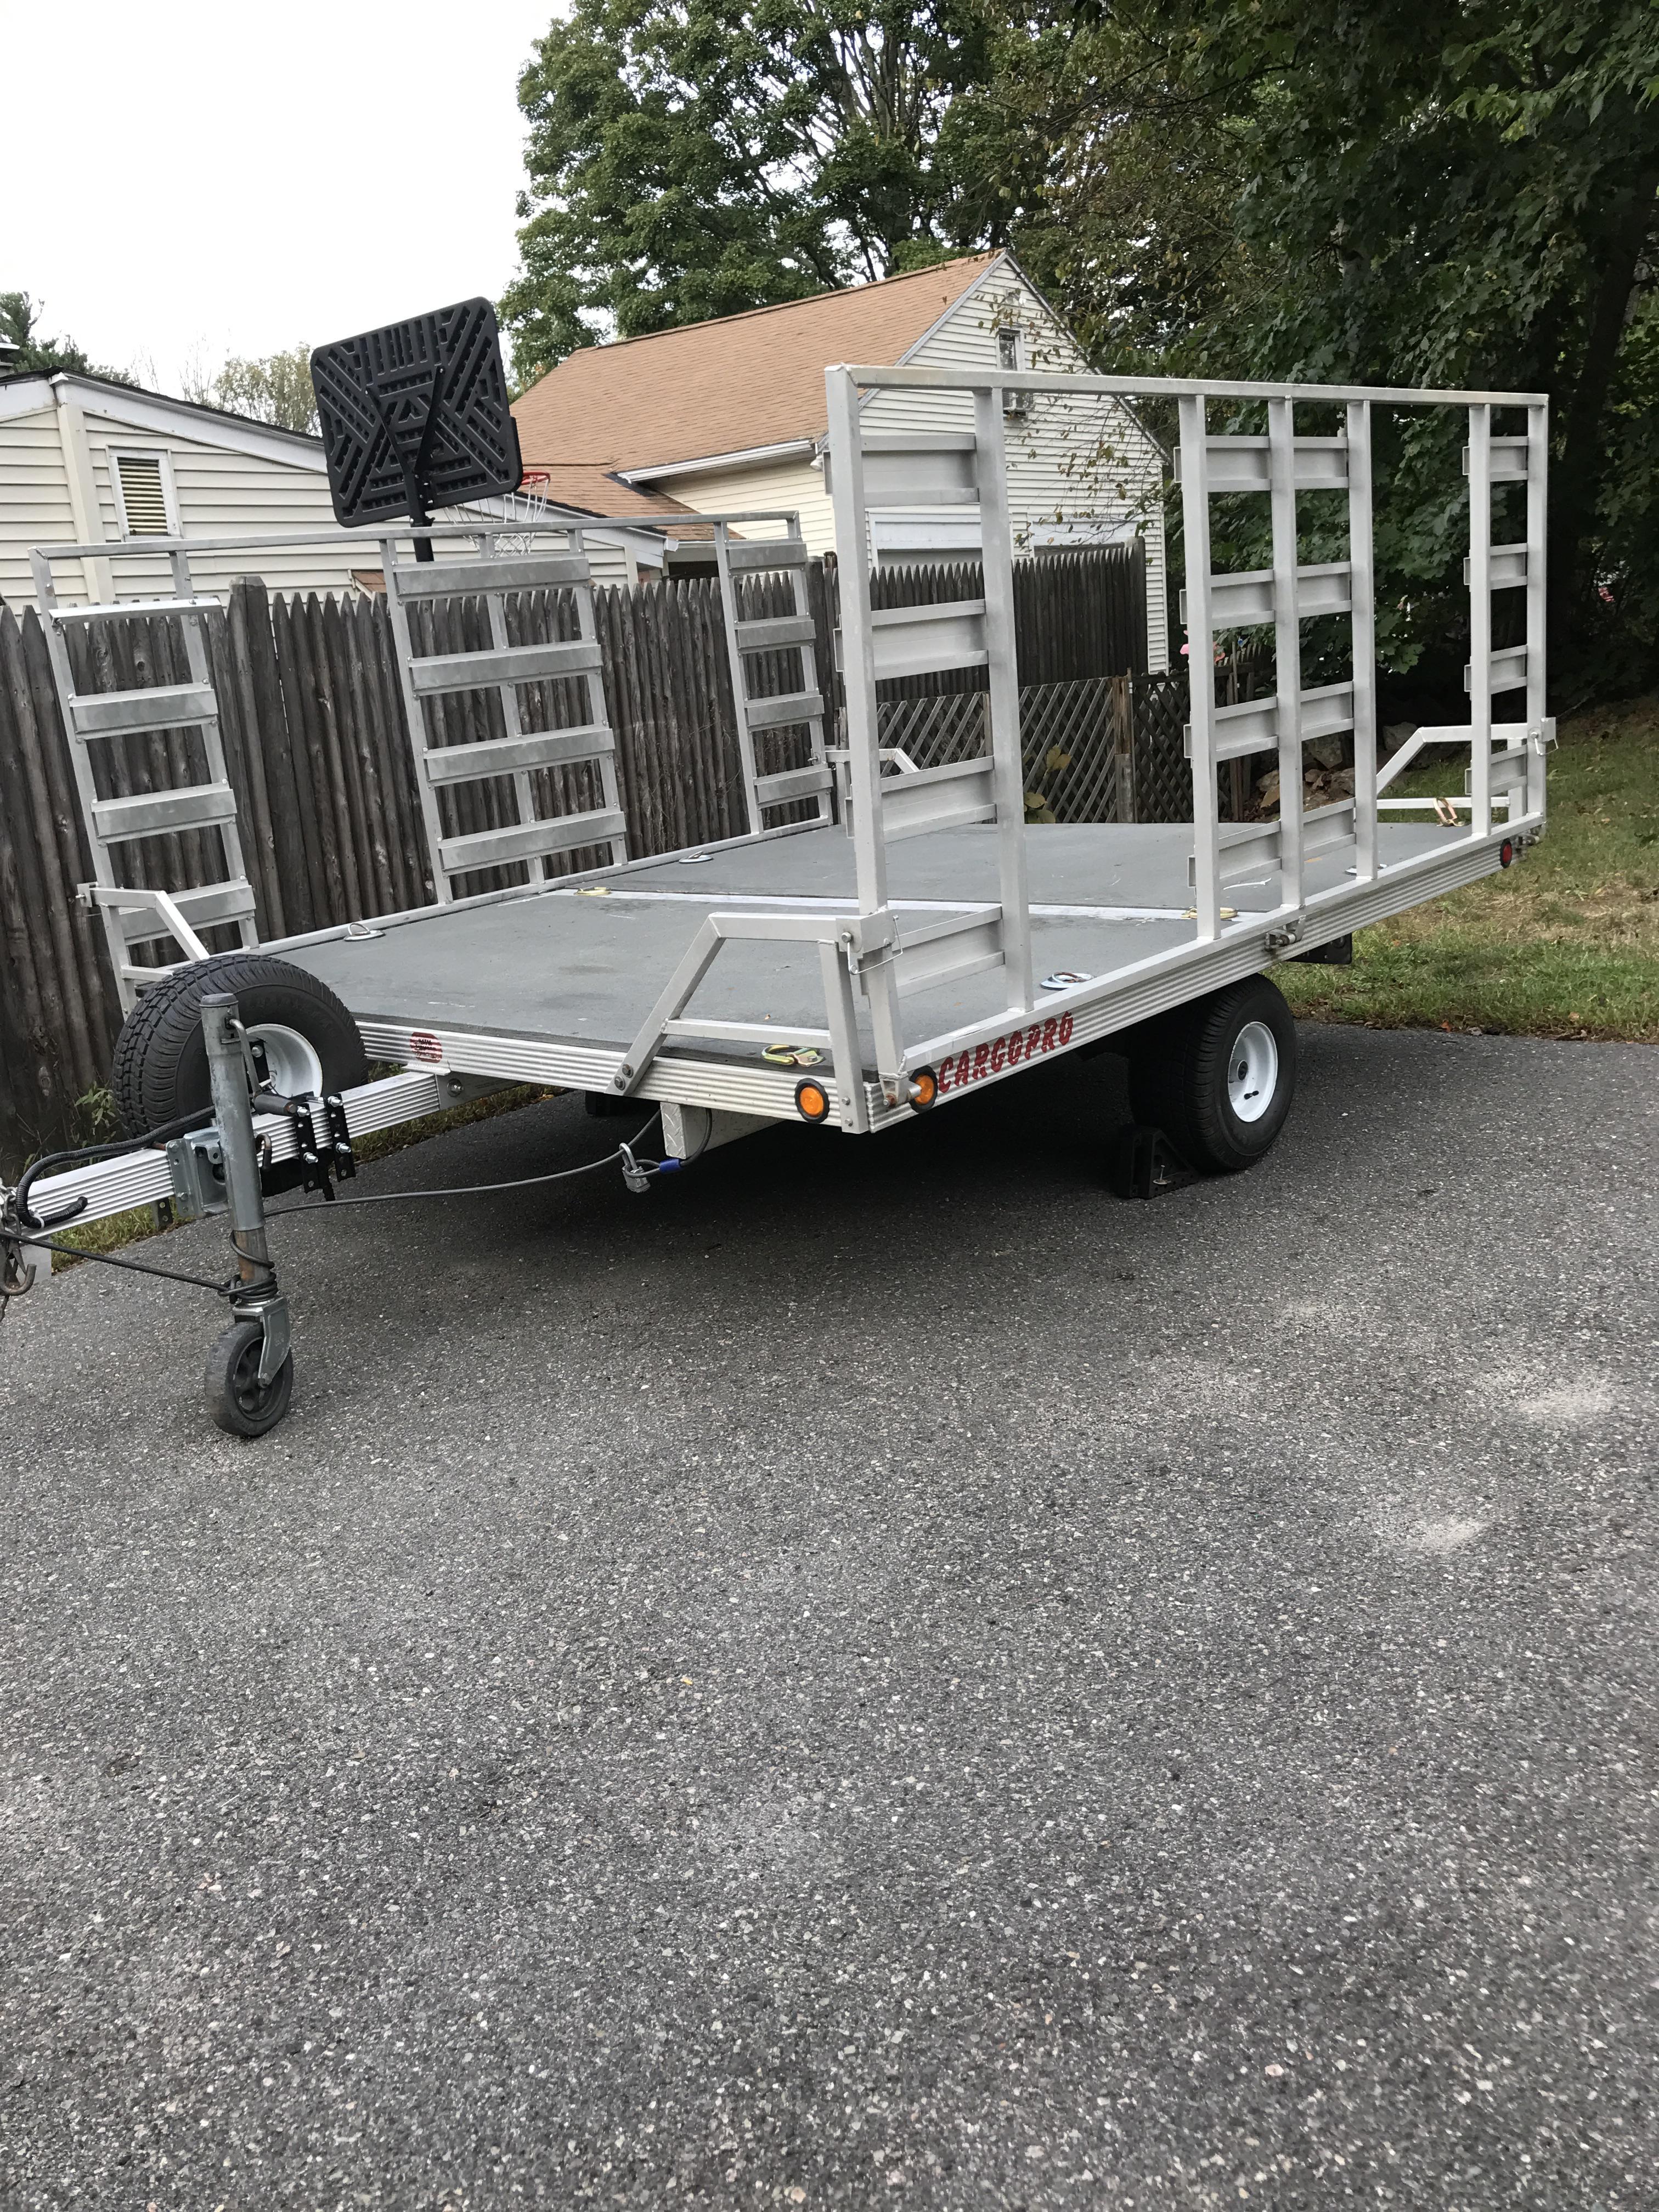 Shortest trailer to pull 2 four wheelers? - Polaris ATV Forum